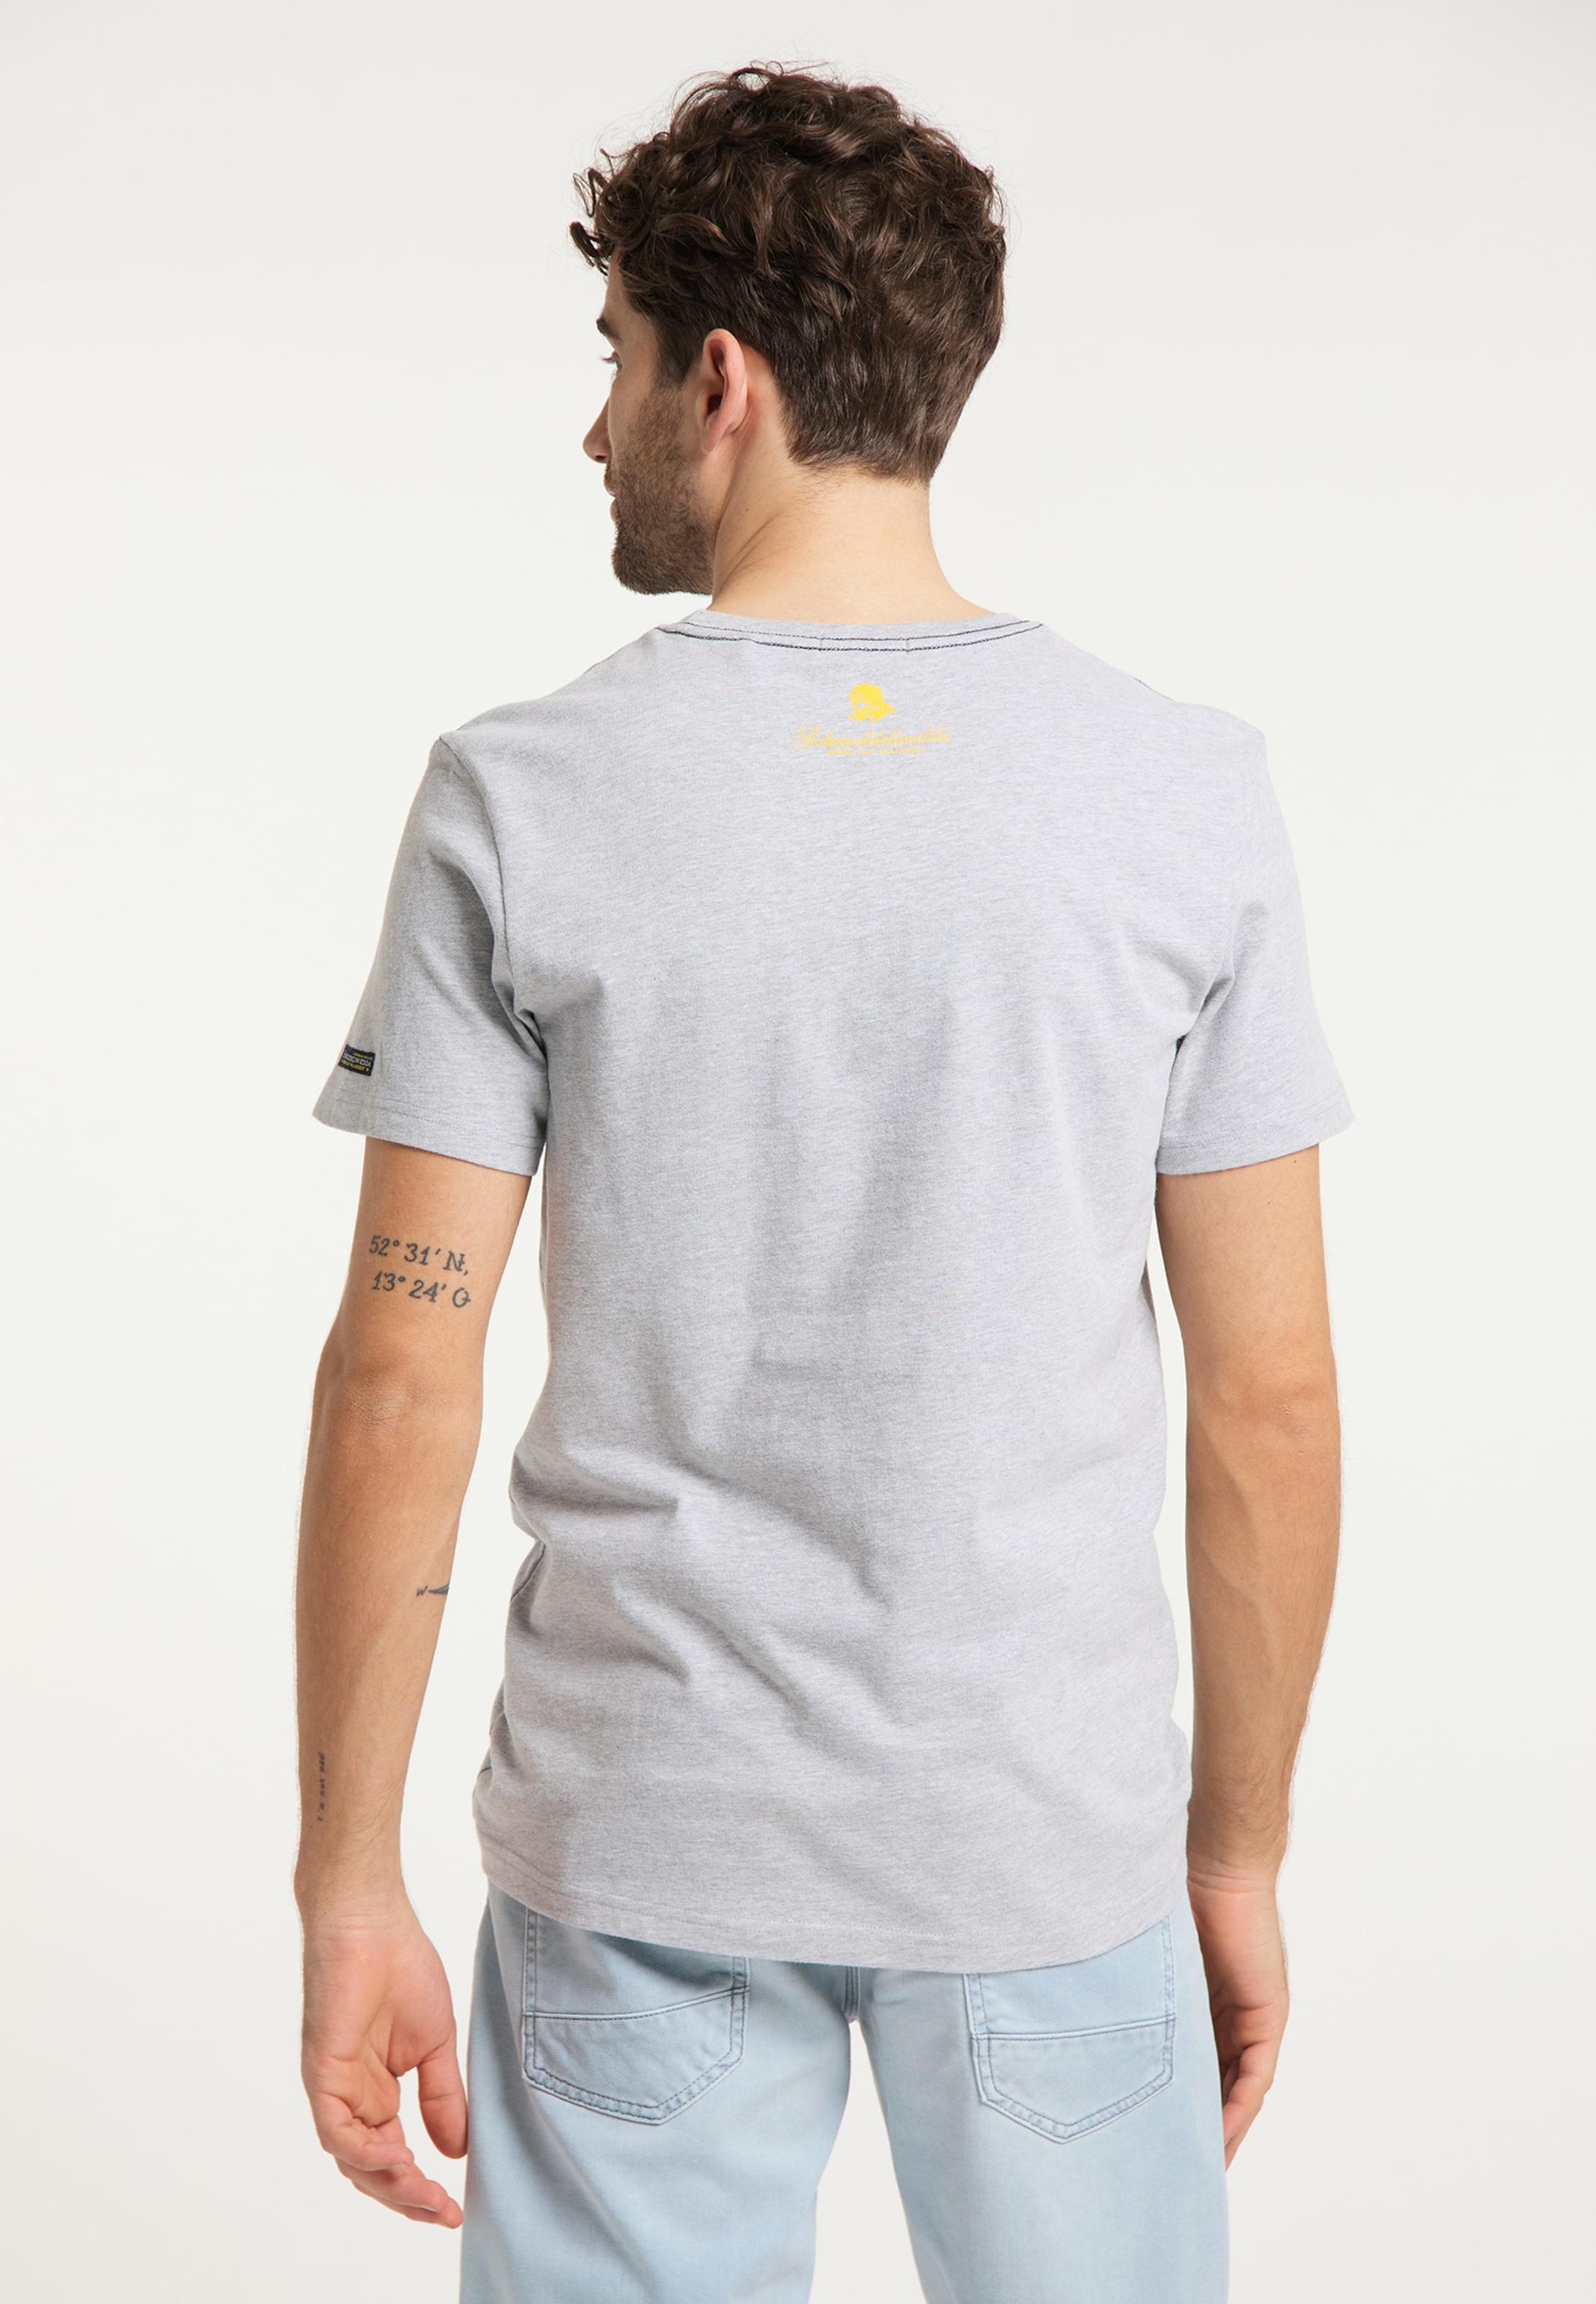 Schmuddelwedda T-Shirt in grau Jersey 4063523024232